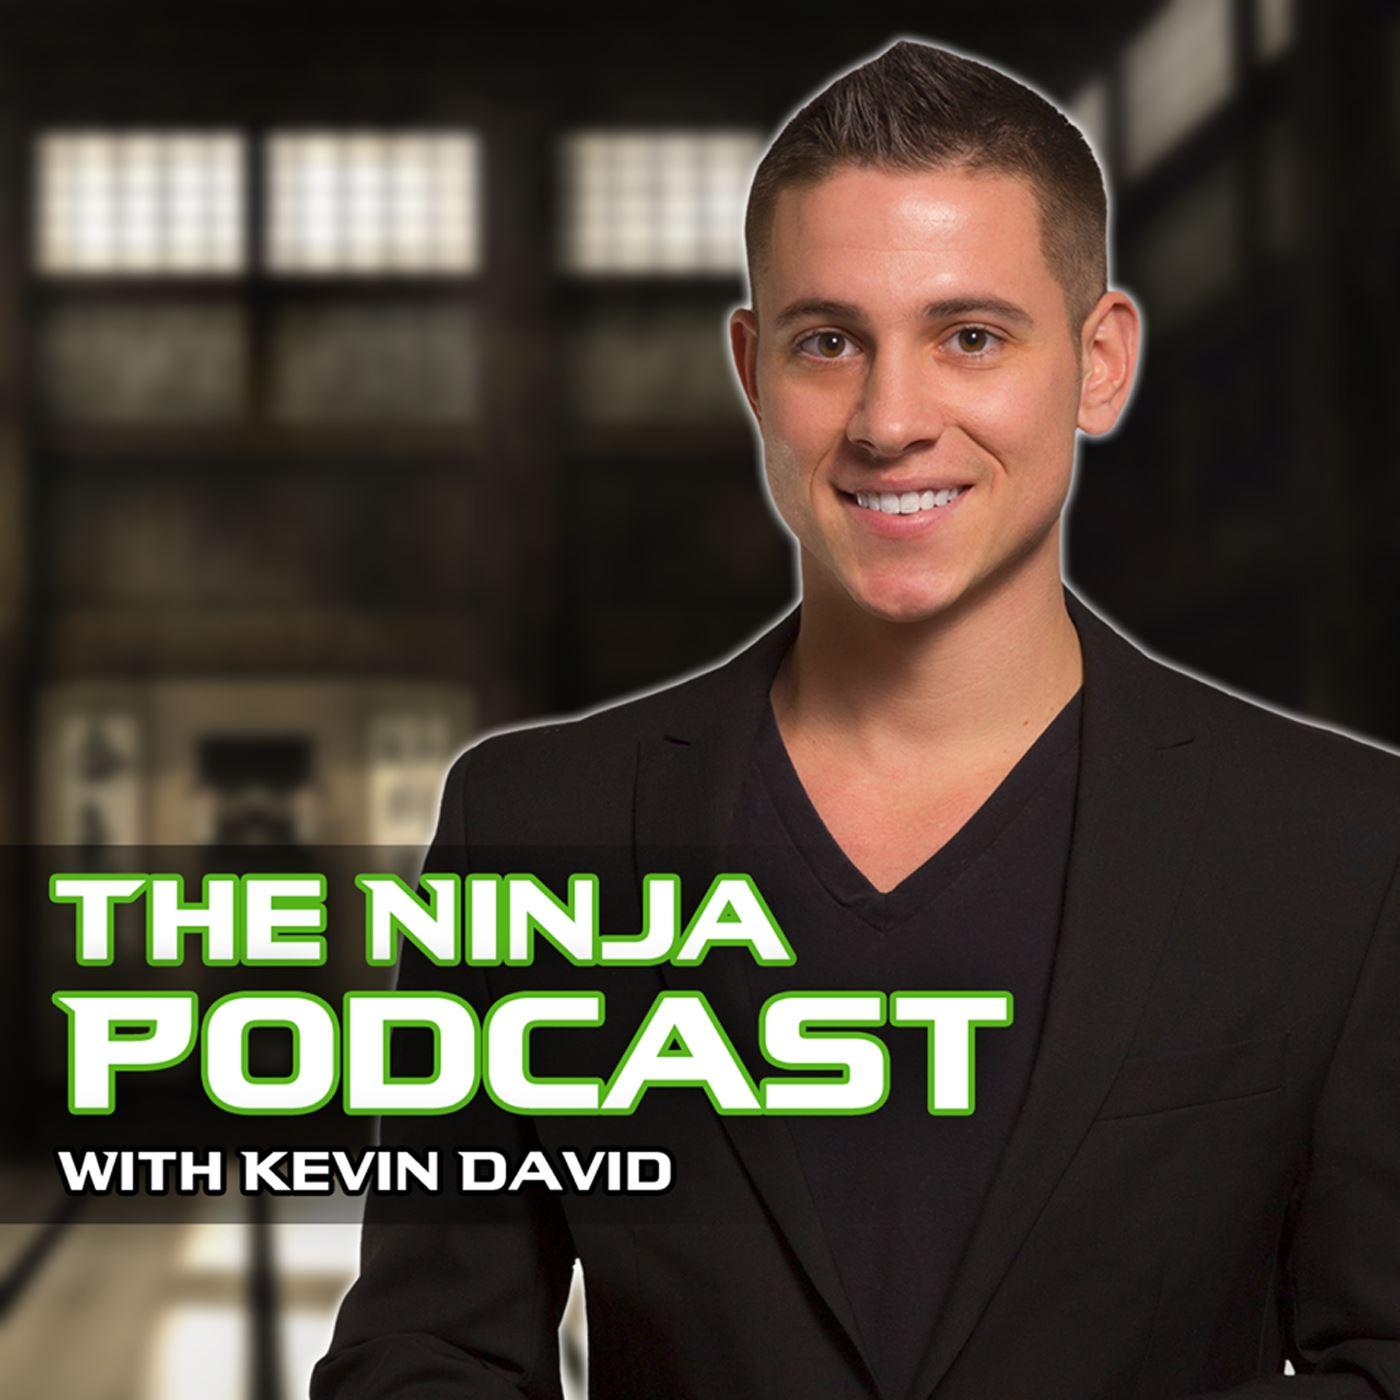 Kevin David